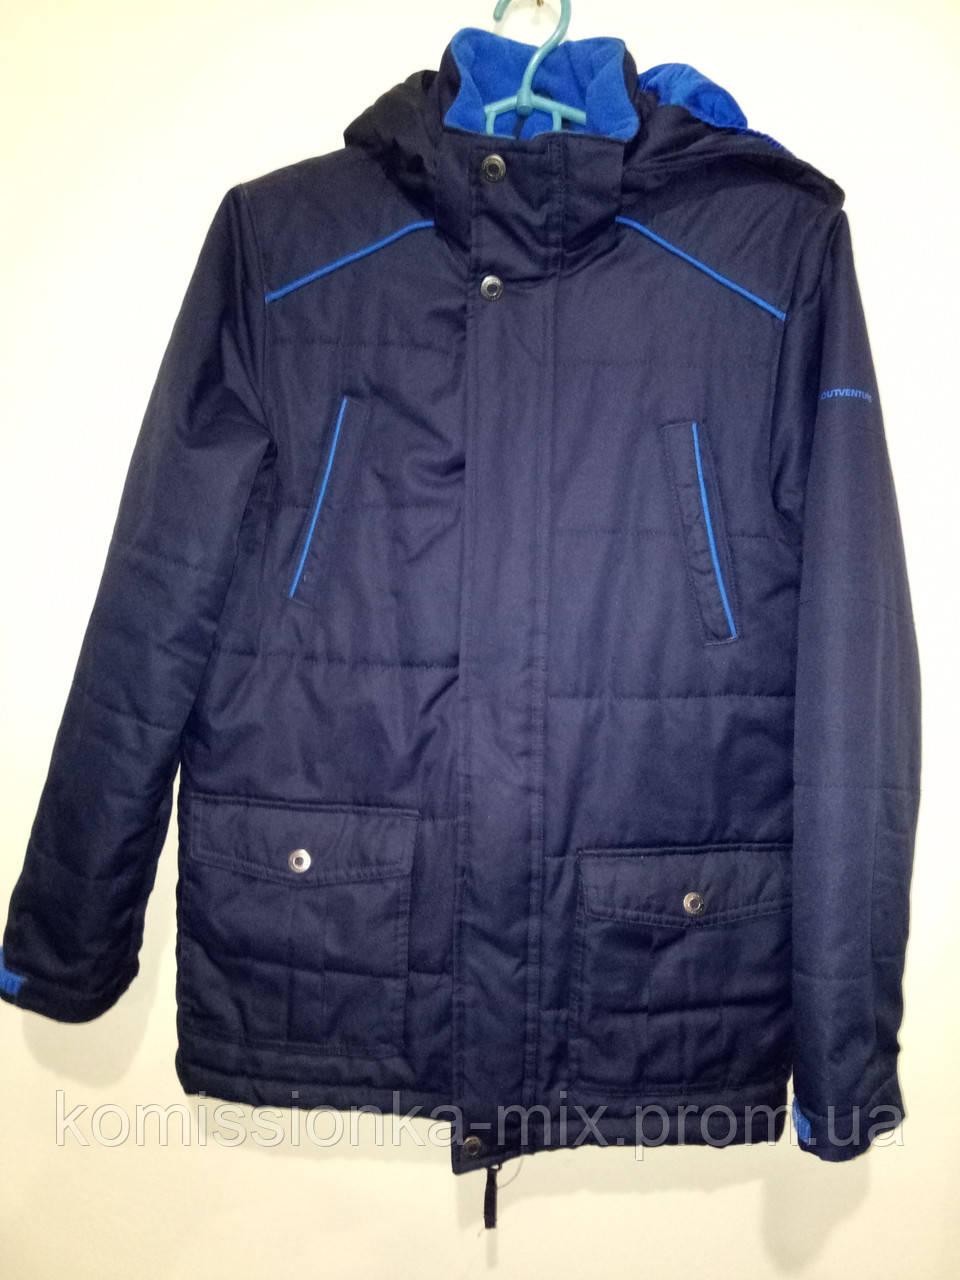 Куртка демисезонная OUTVENTURE  152 см